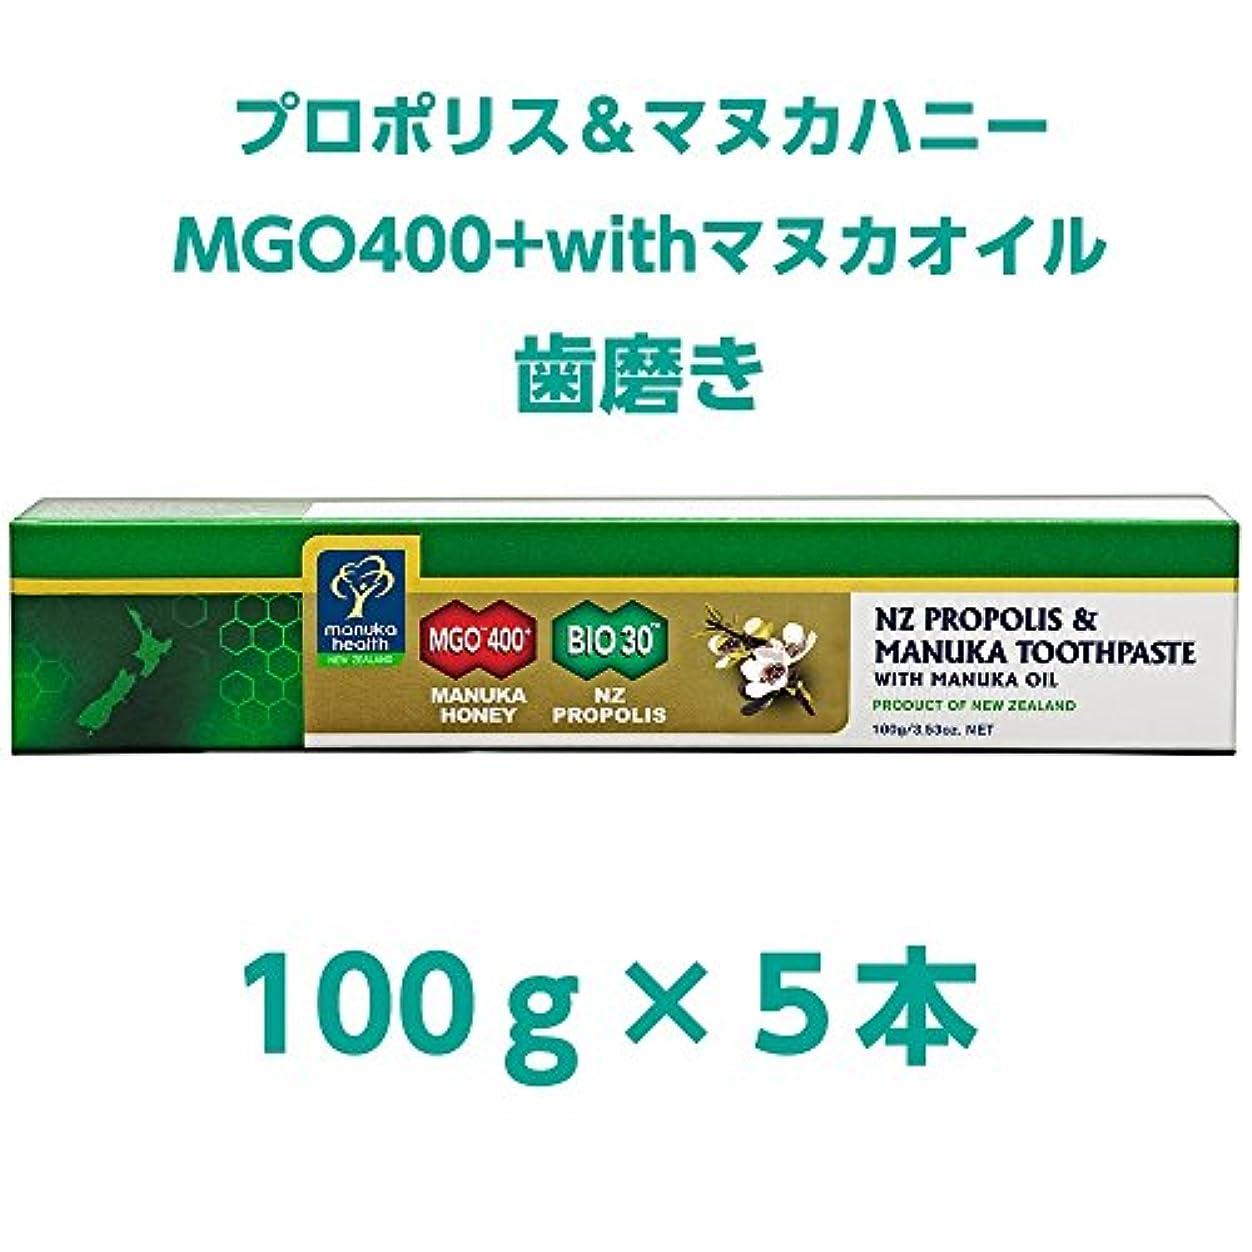 充実合意集めるマヌカヘルス(ManukaHealth) プロポリス&マヌカハニーMGO400+withマヌカオイル 歯磨き(100g×5本)